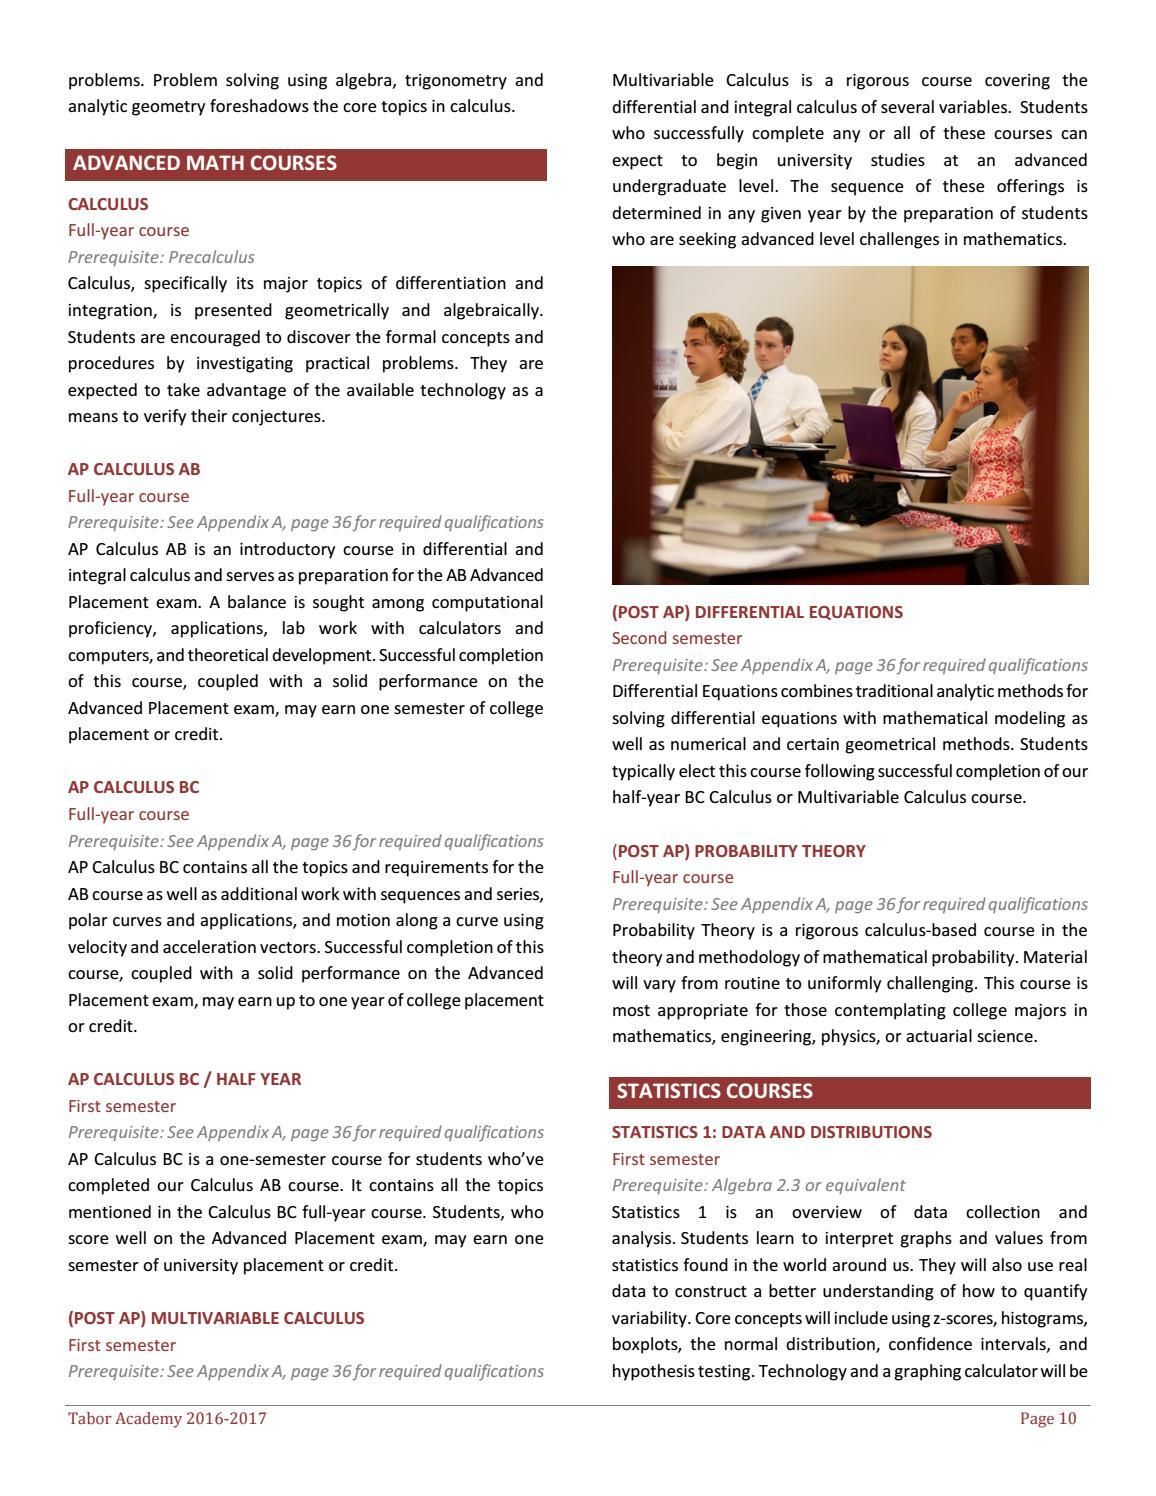 2016-17 Tabor Academy Course Catalog by Tabor Academy - issuu